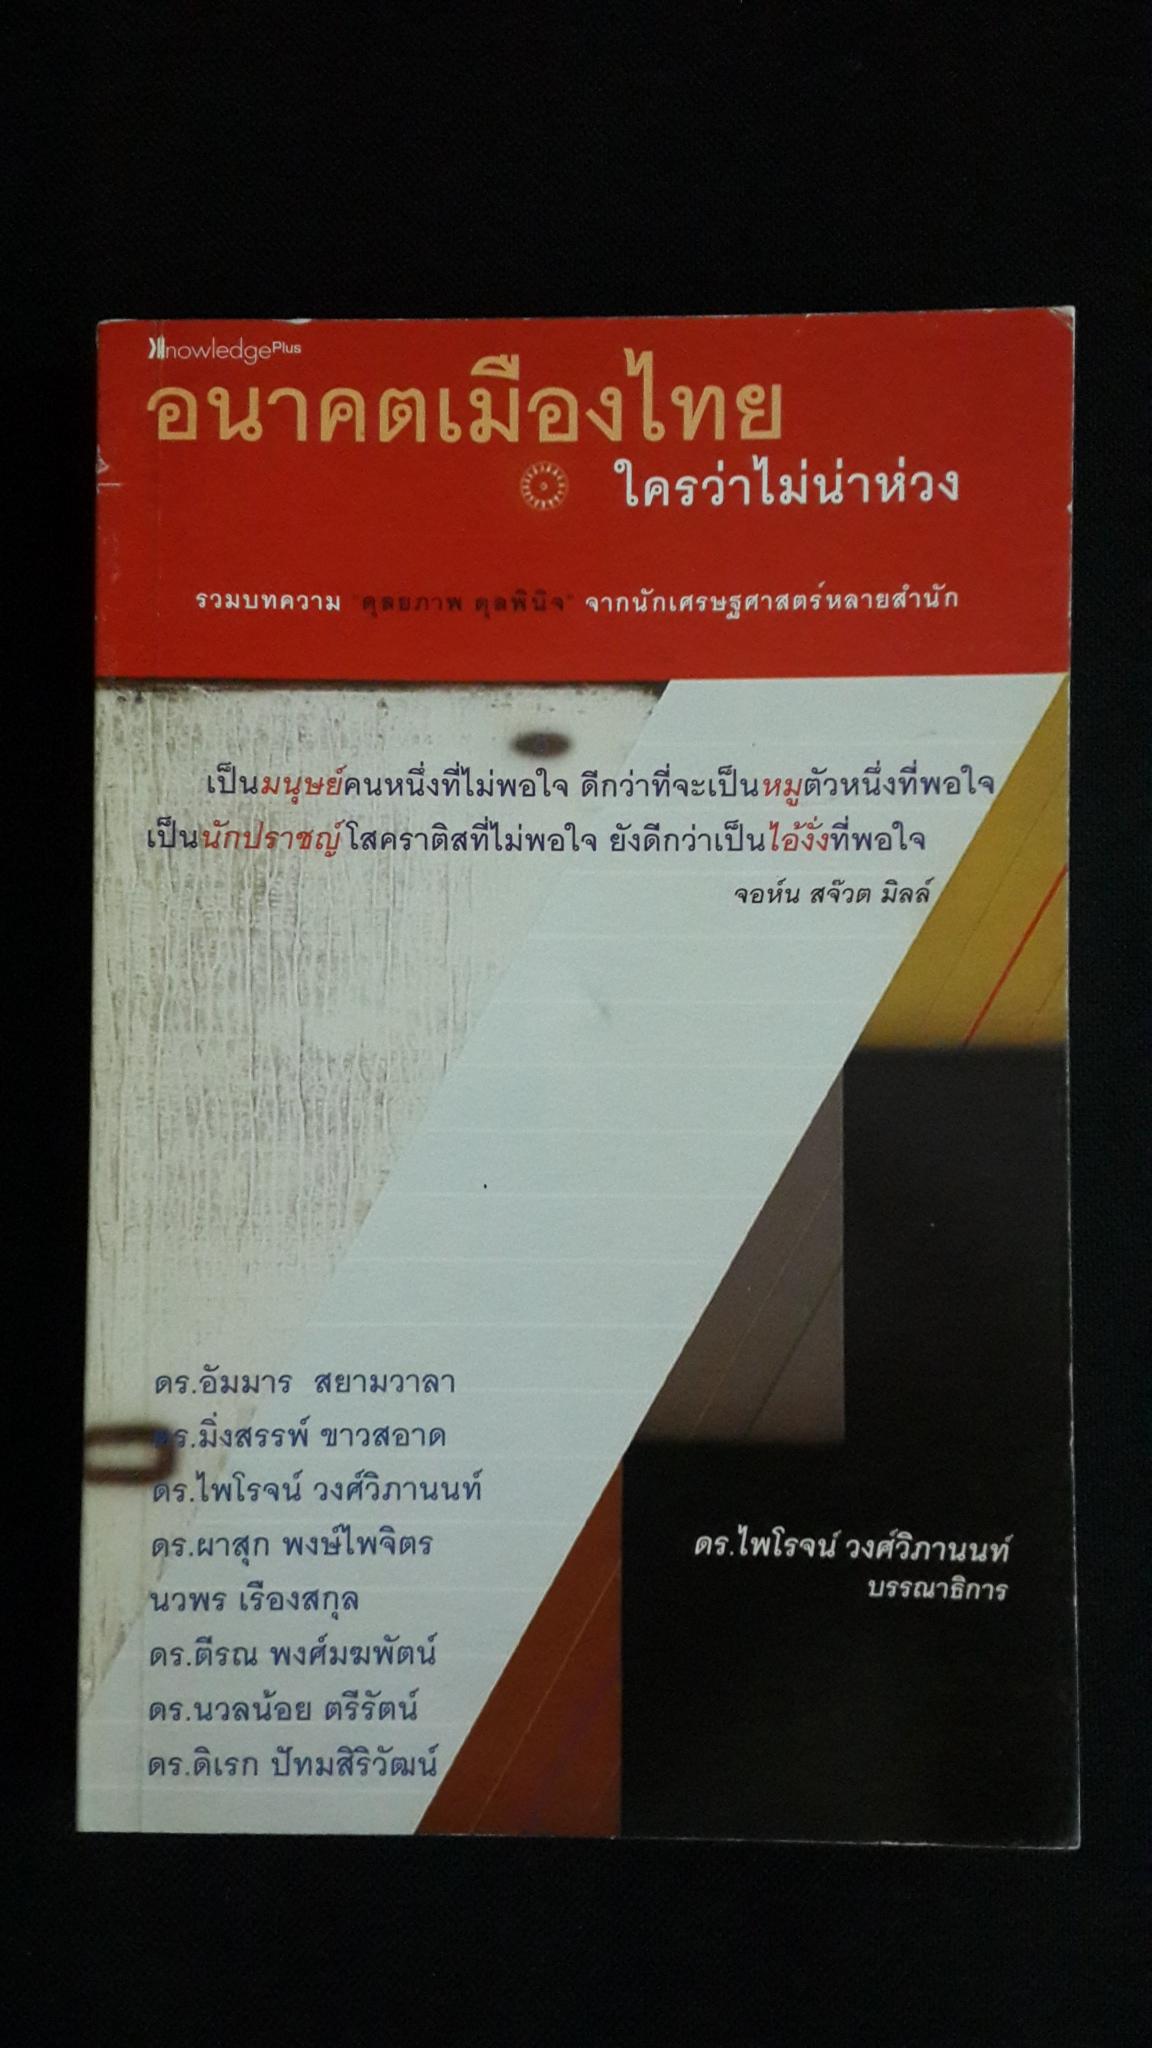 อนาคตเมืองไทย ใครว่าไม่น่าห่วง / ดร.ไพโรจน์ วงศ์วิภานนท์